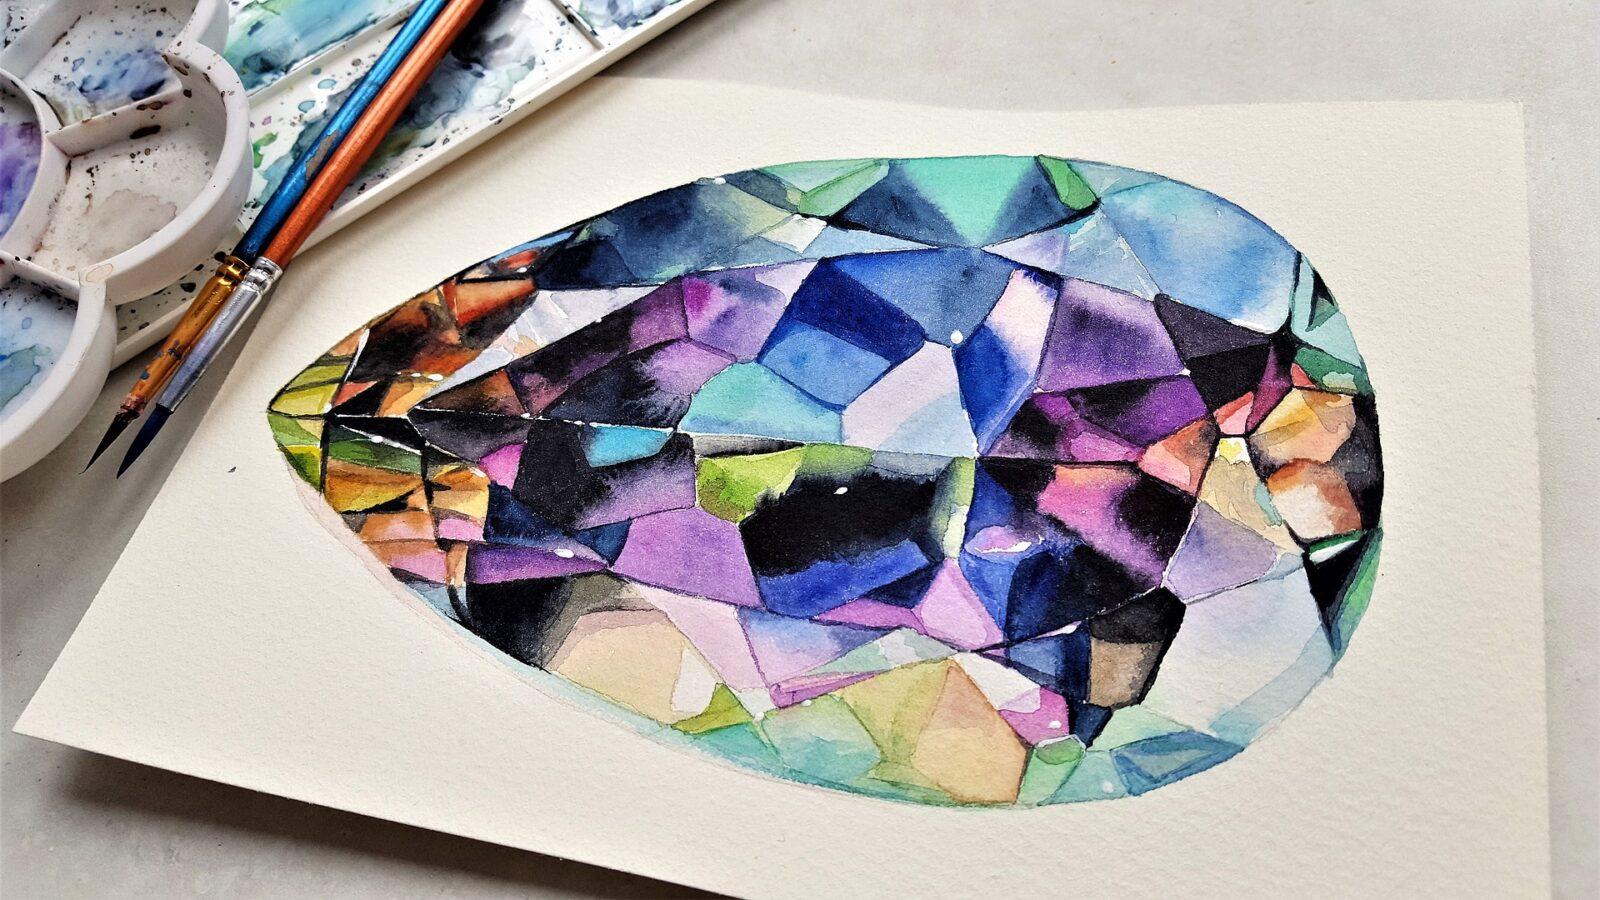 pierres précieuse et semi-précieuses : peinture d'une pierre gemme mutlicolore